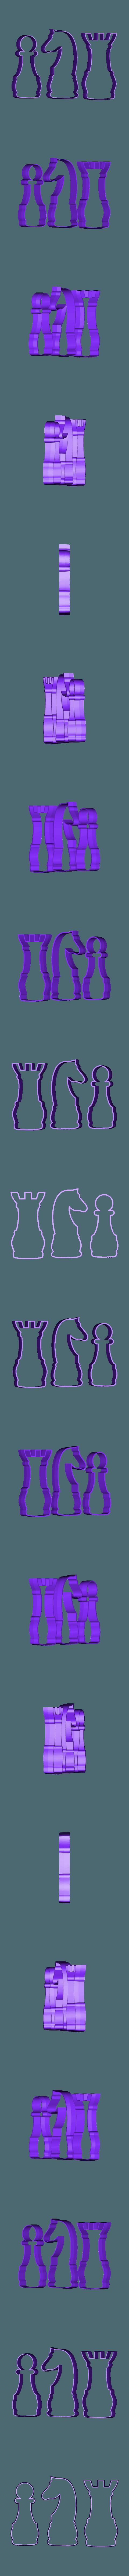 AJEDREZ peon caballo torre filo .STL Télécharger fichier STL gratuit Échecs pour coupe-biscuits • Design à imprimer en 3D, ledblue